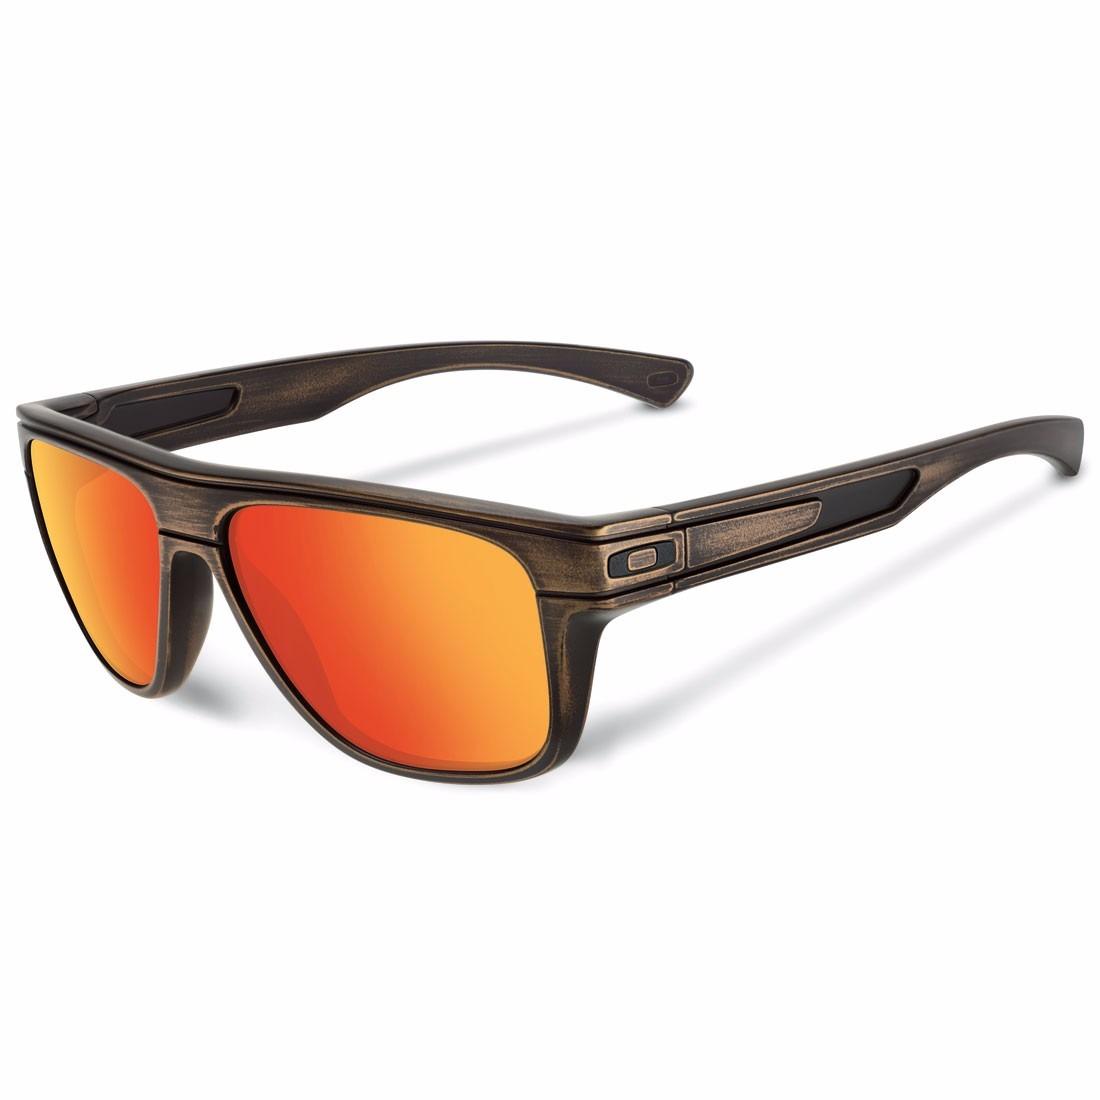 c37c24140 Óculos Oakley Breadbox Fall Out Decay Original - R$ 298,00 em ...